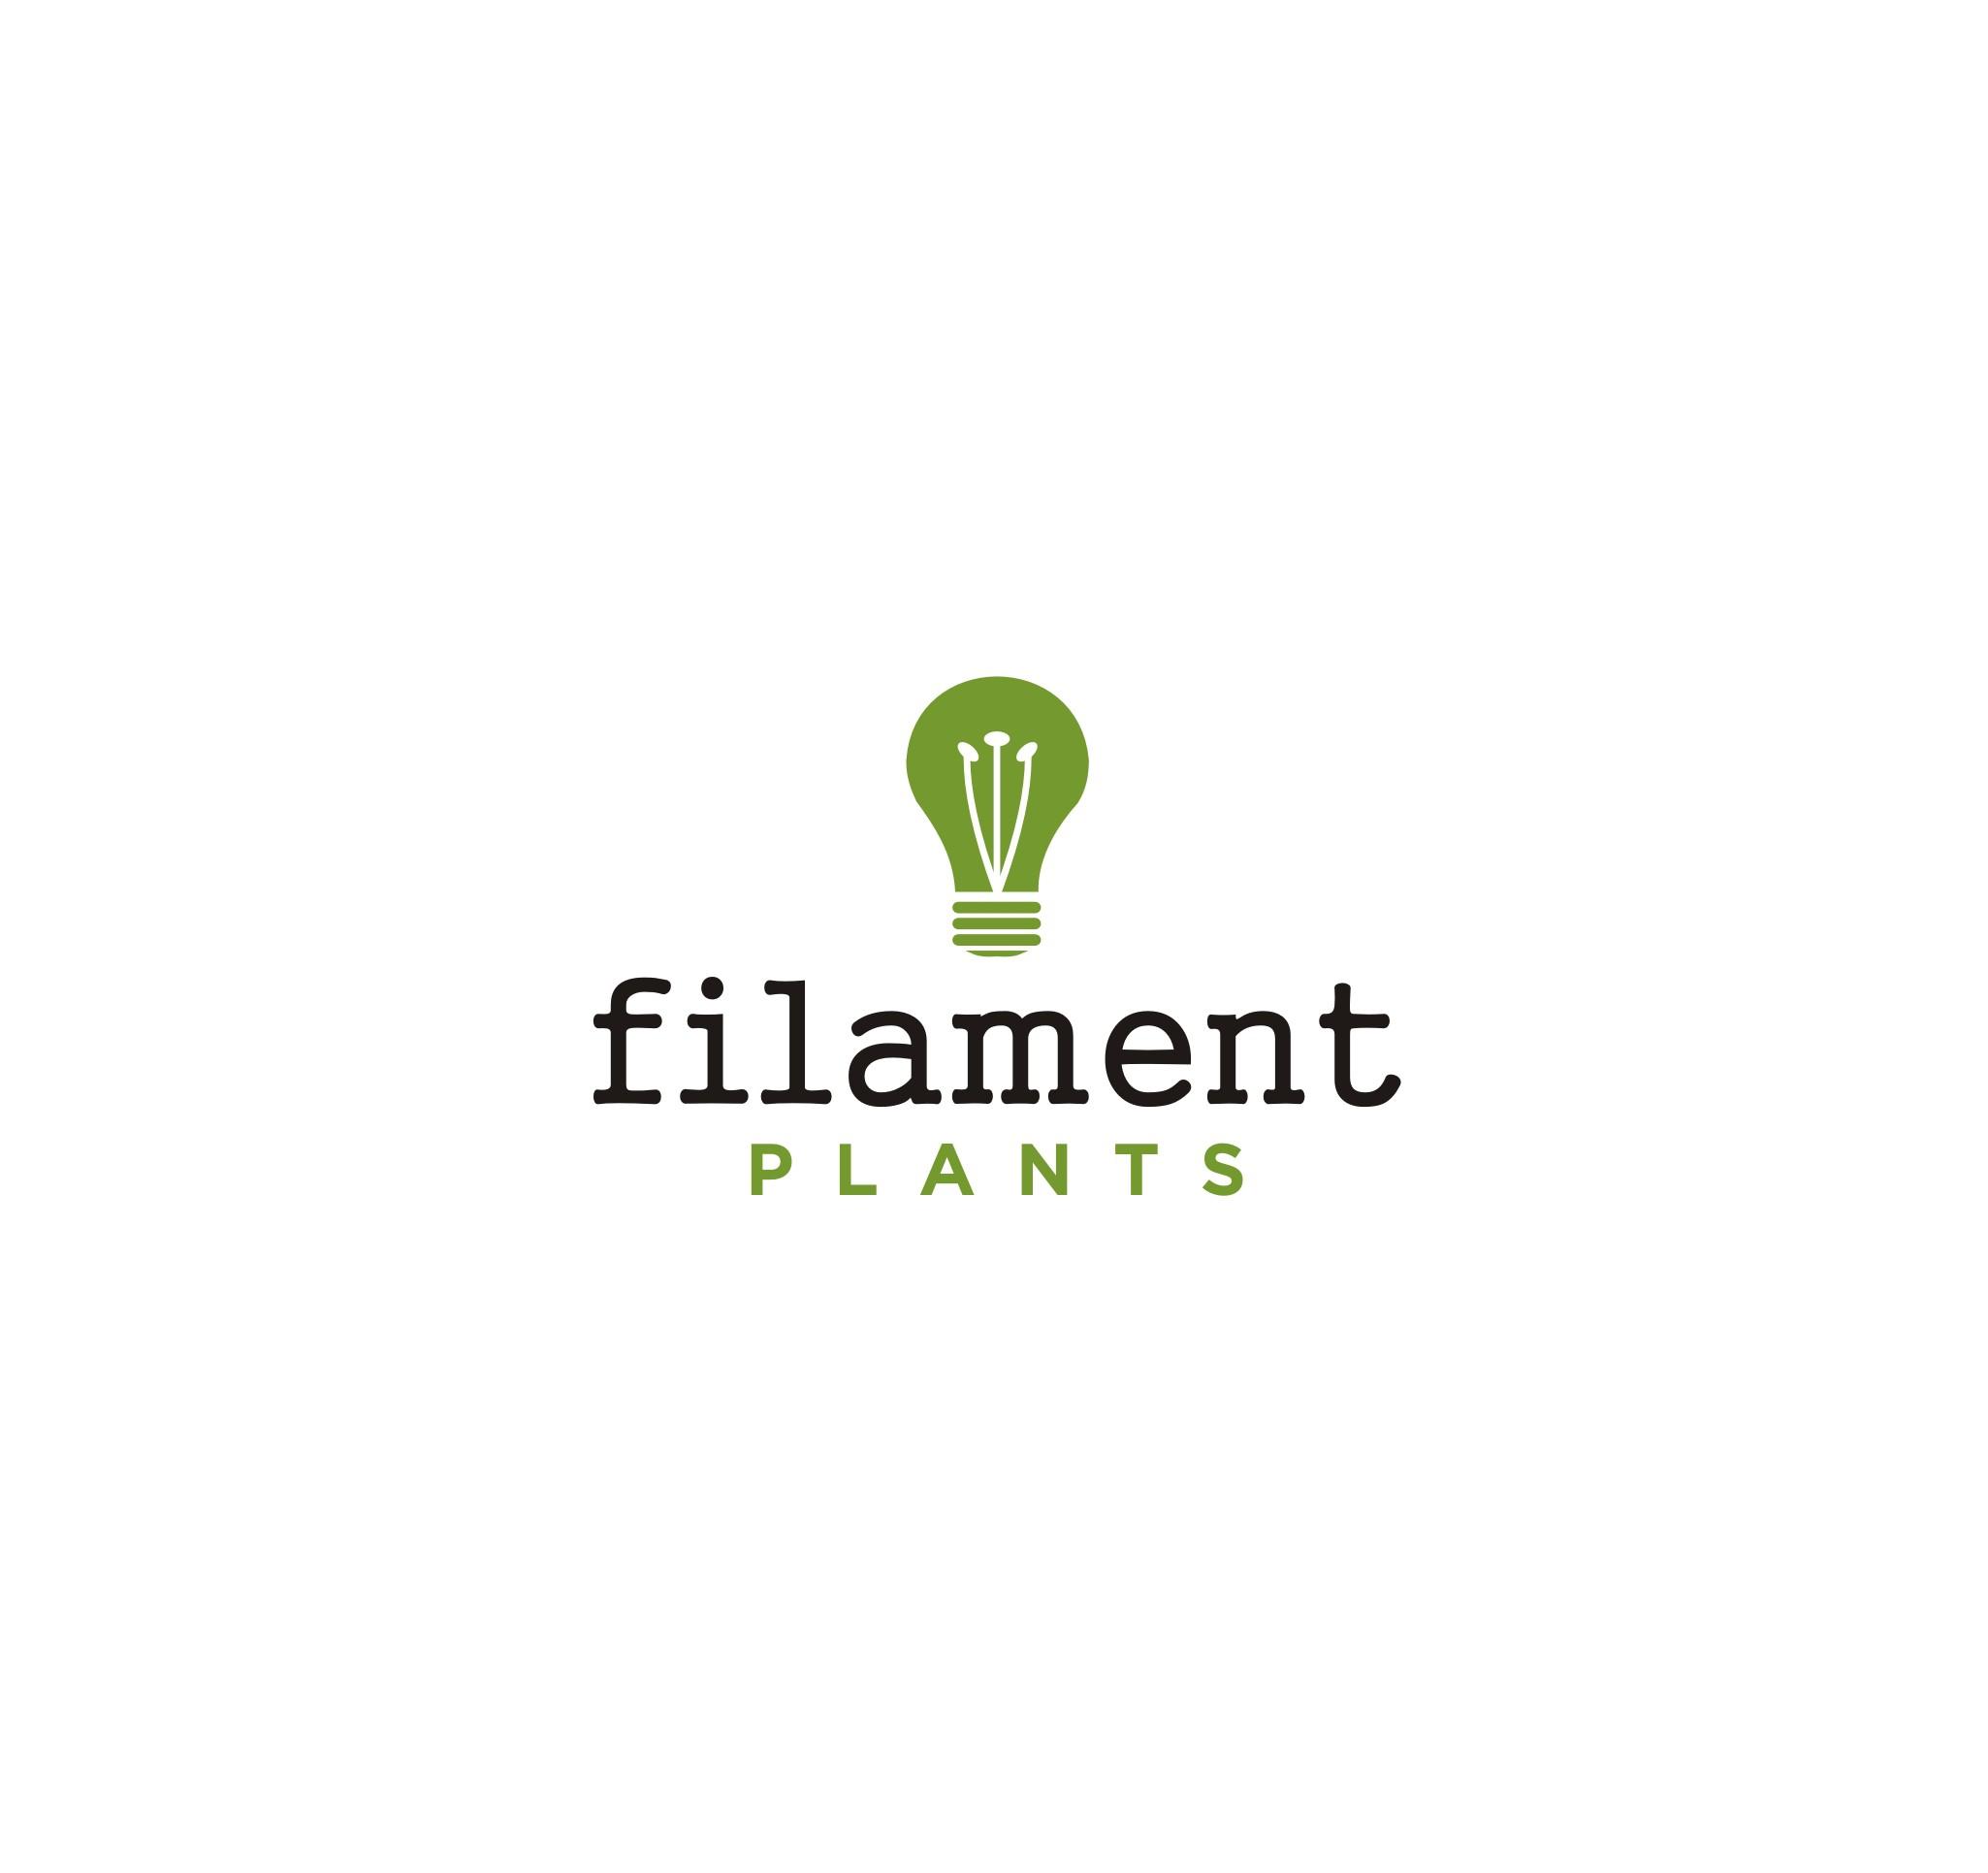 Design a logo for our rare, tropical plant greenhouse!